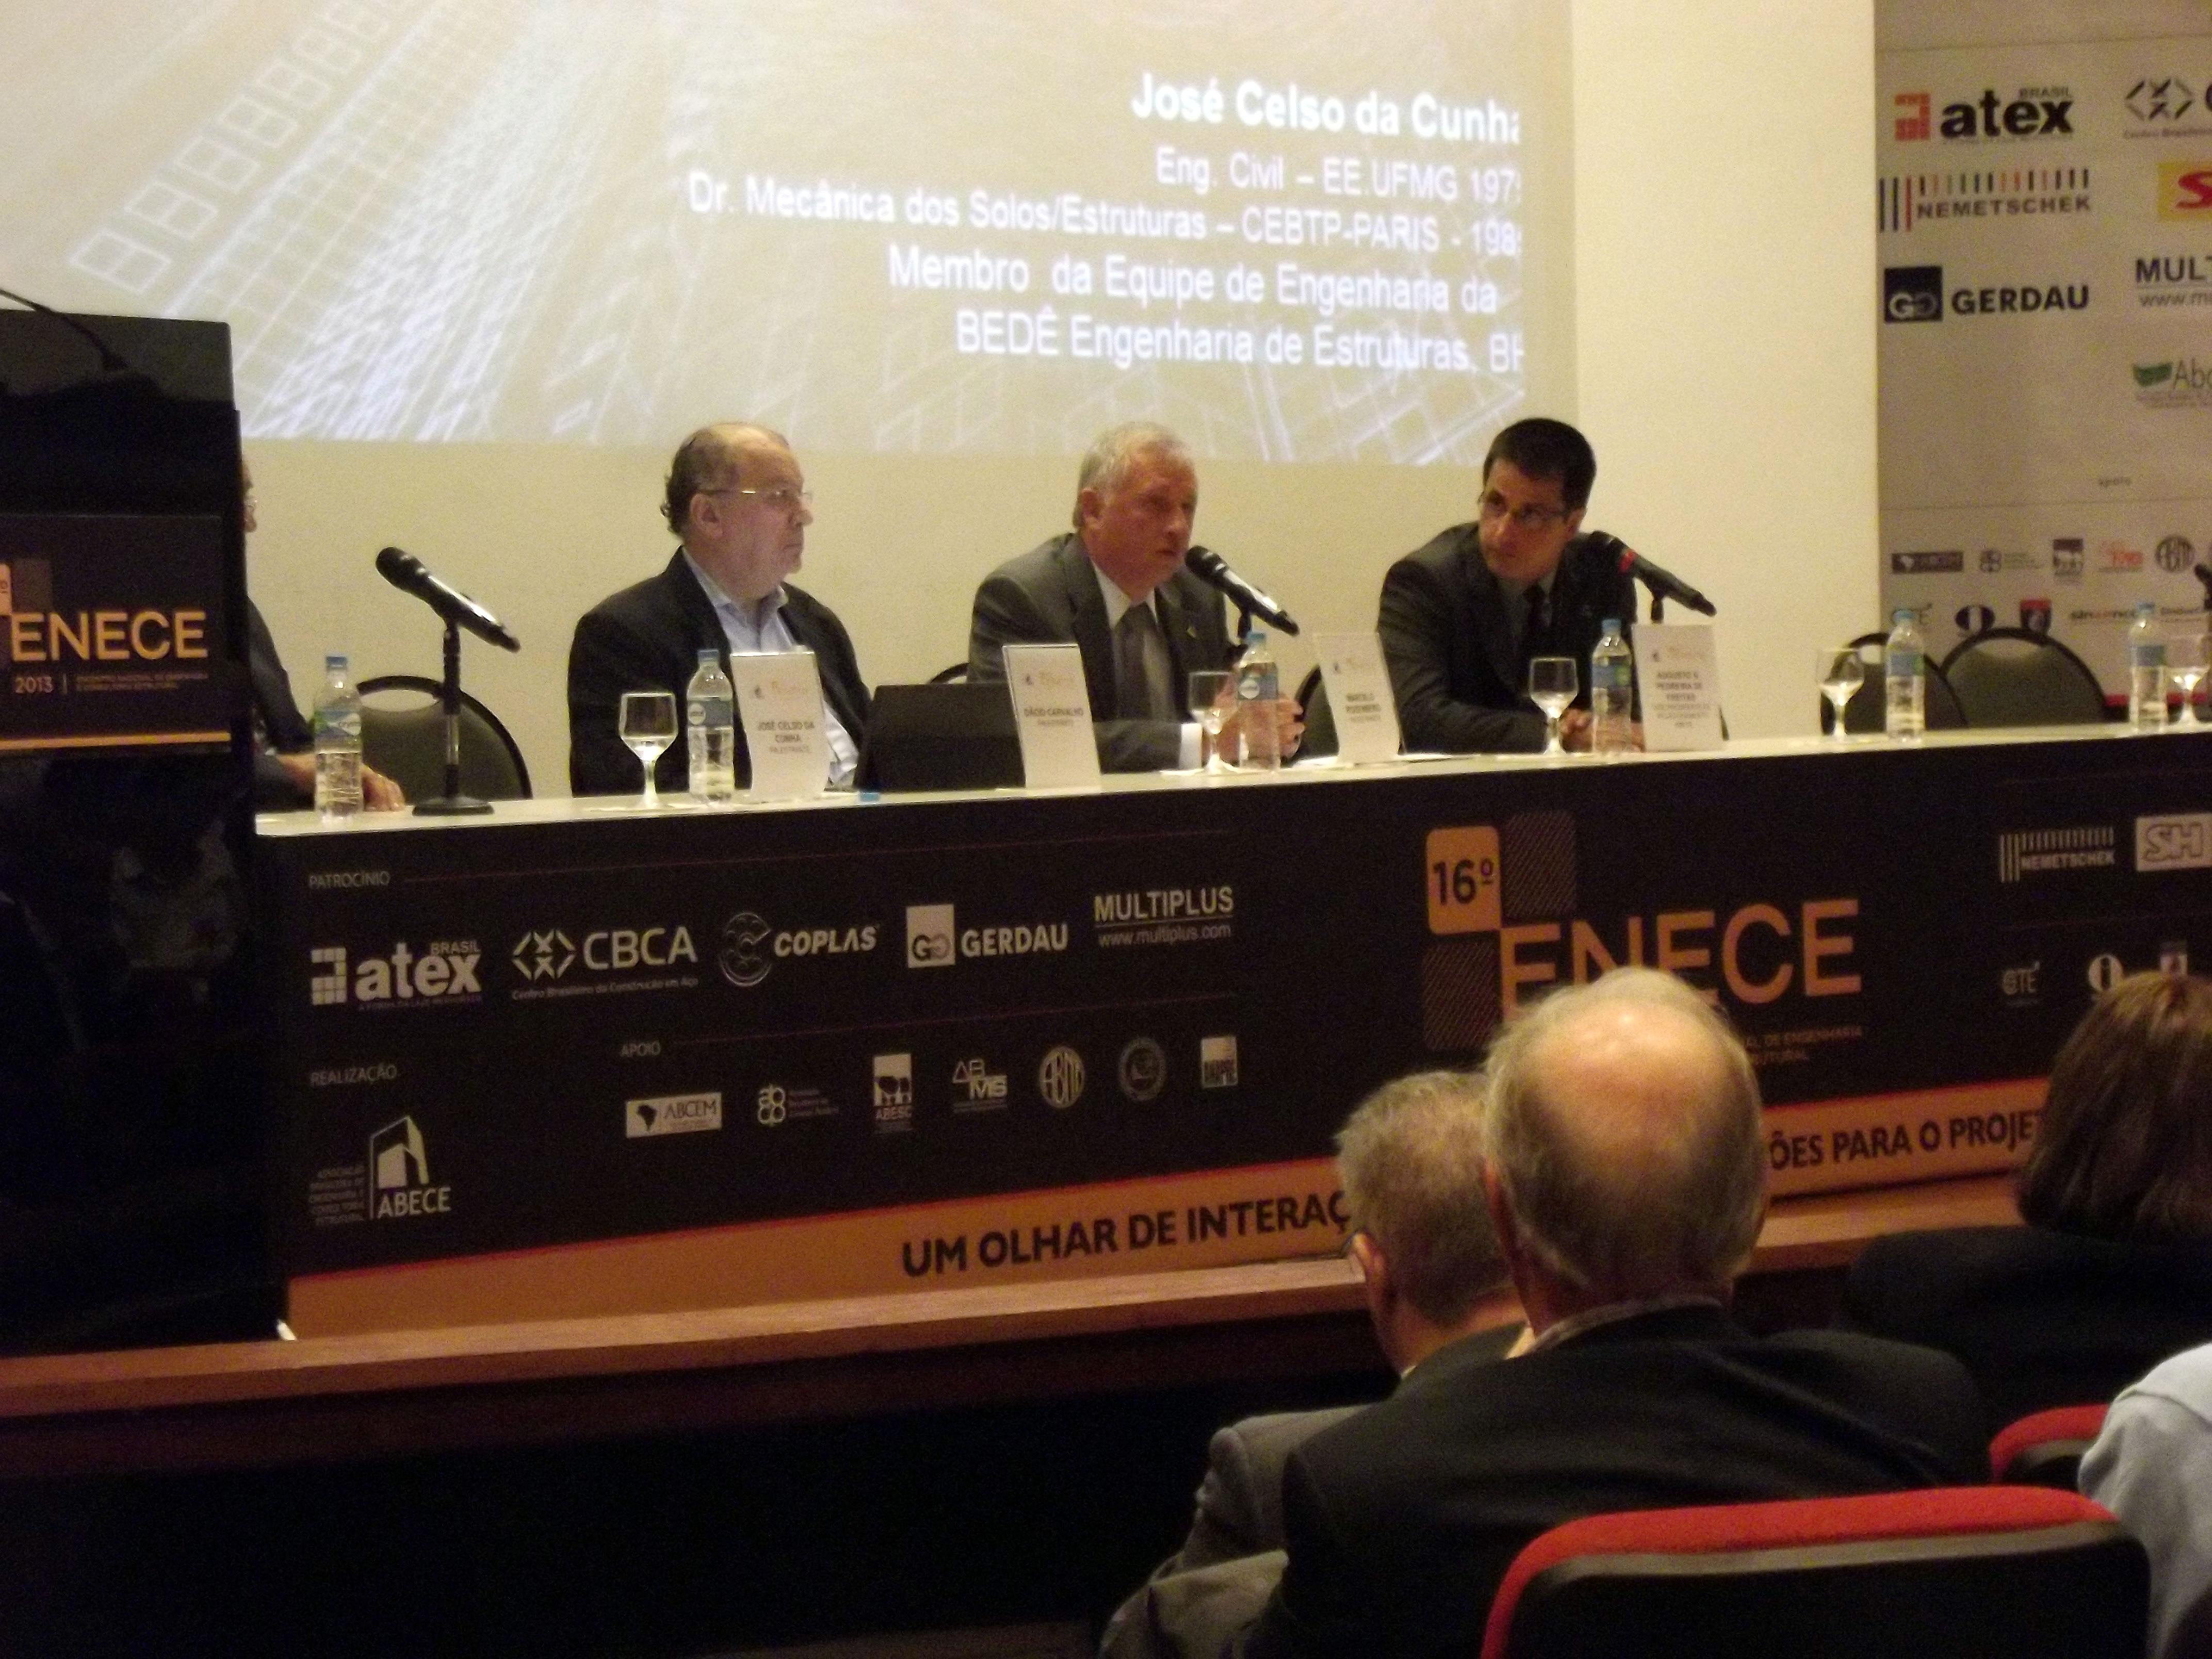 Comissão debateu mudanças na edição do ENECE 2013: recomendação é que seja criada uma norma específica para o tema